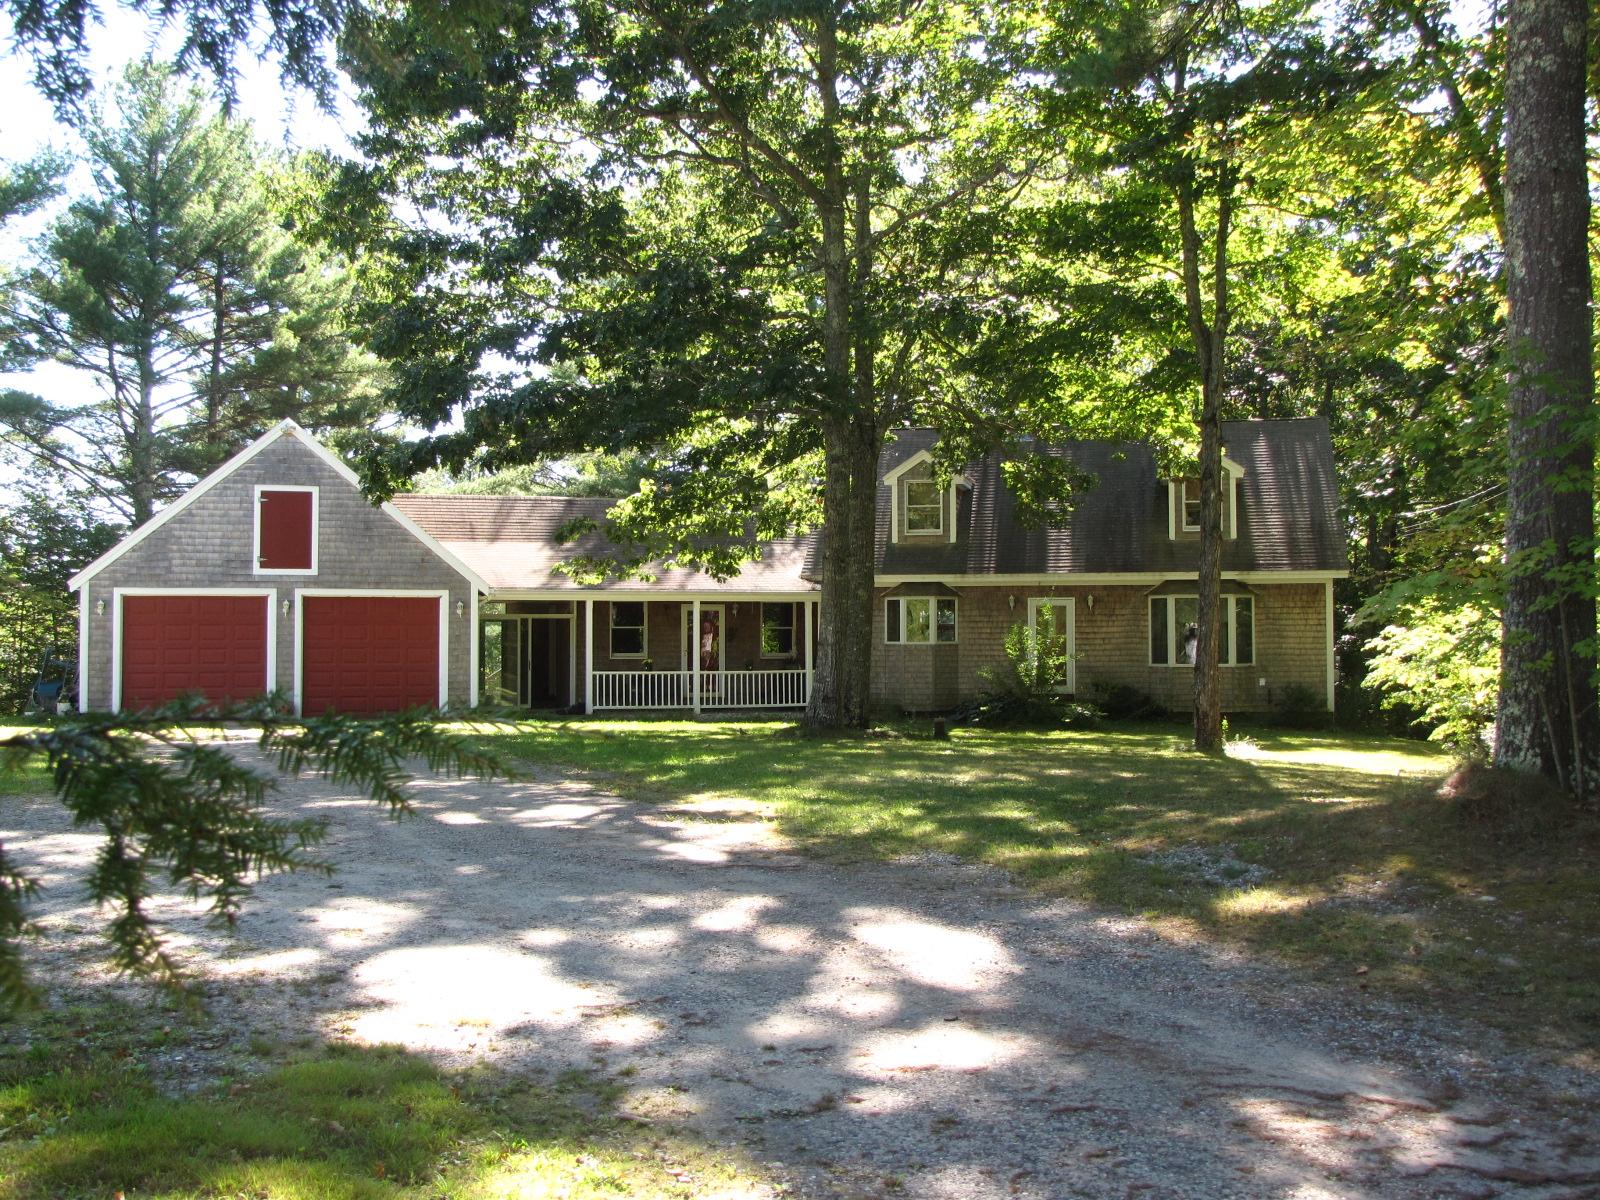 318 Fisher Road, Bowdoinham, Maine 04008